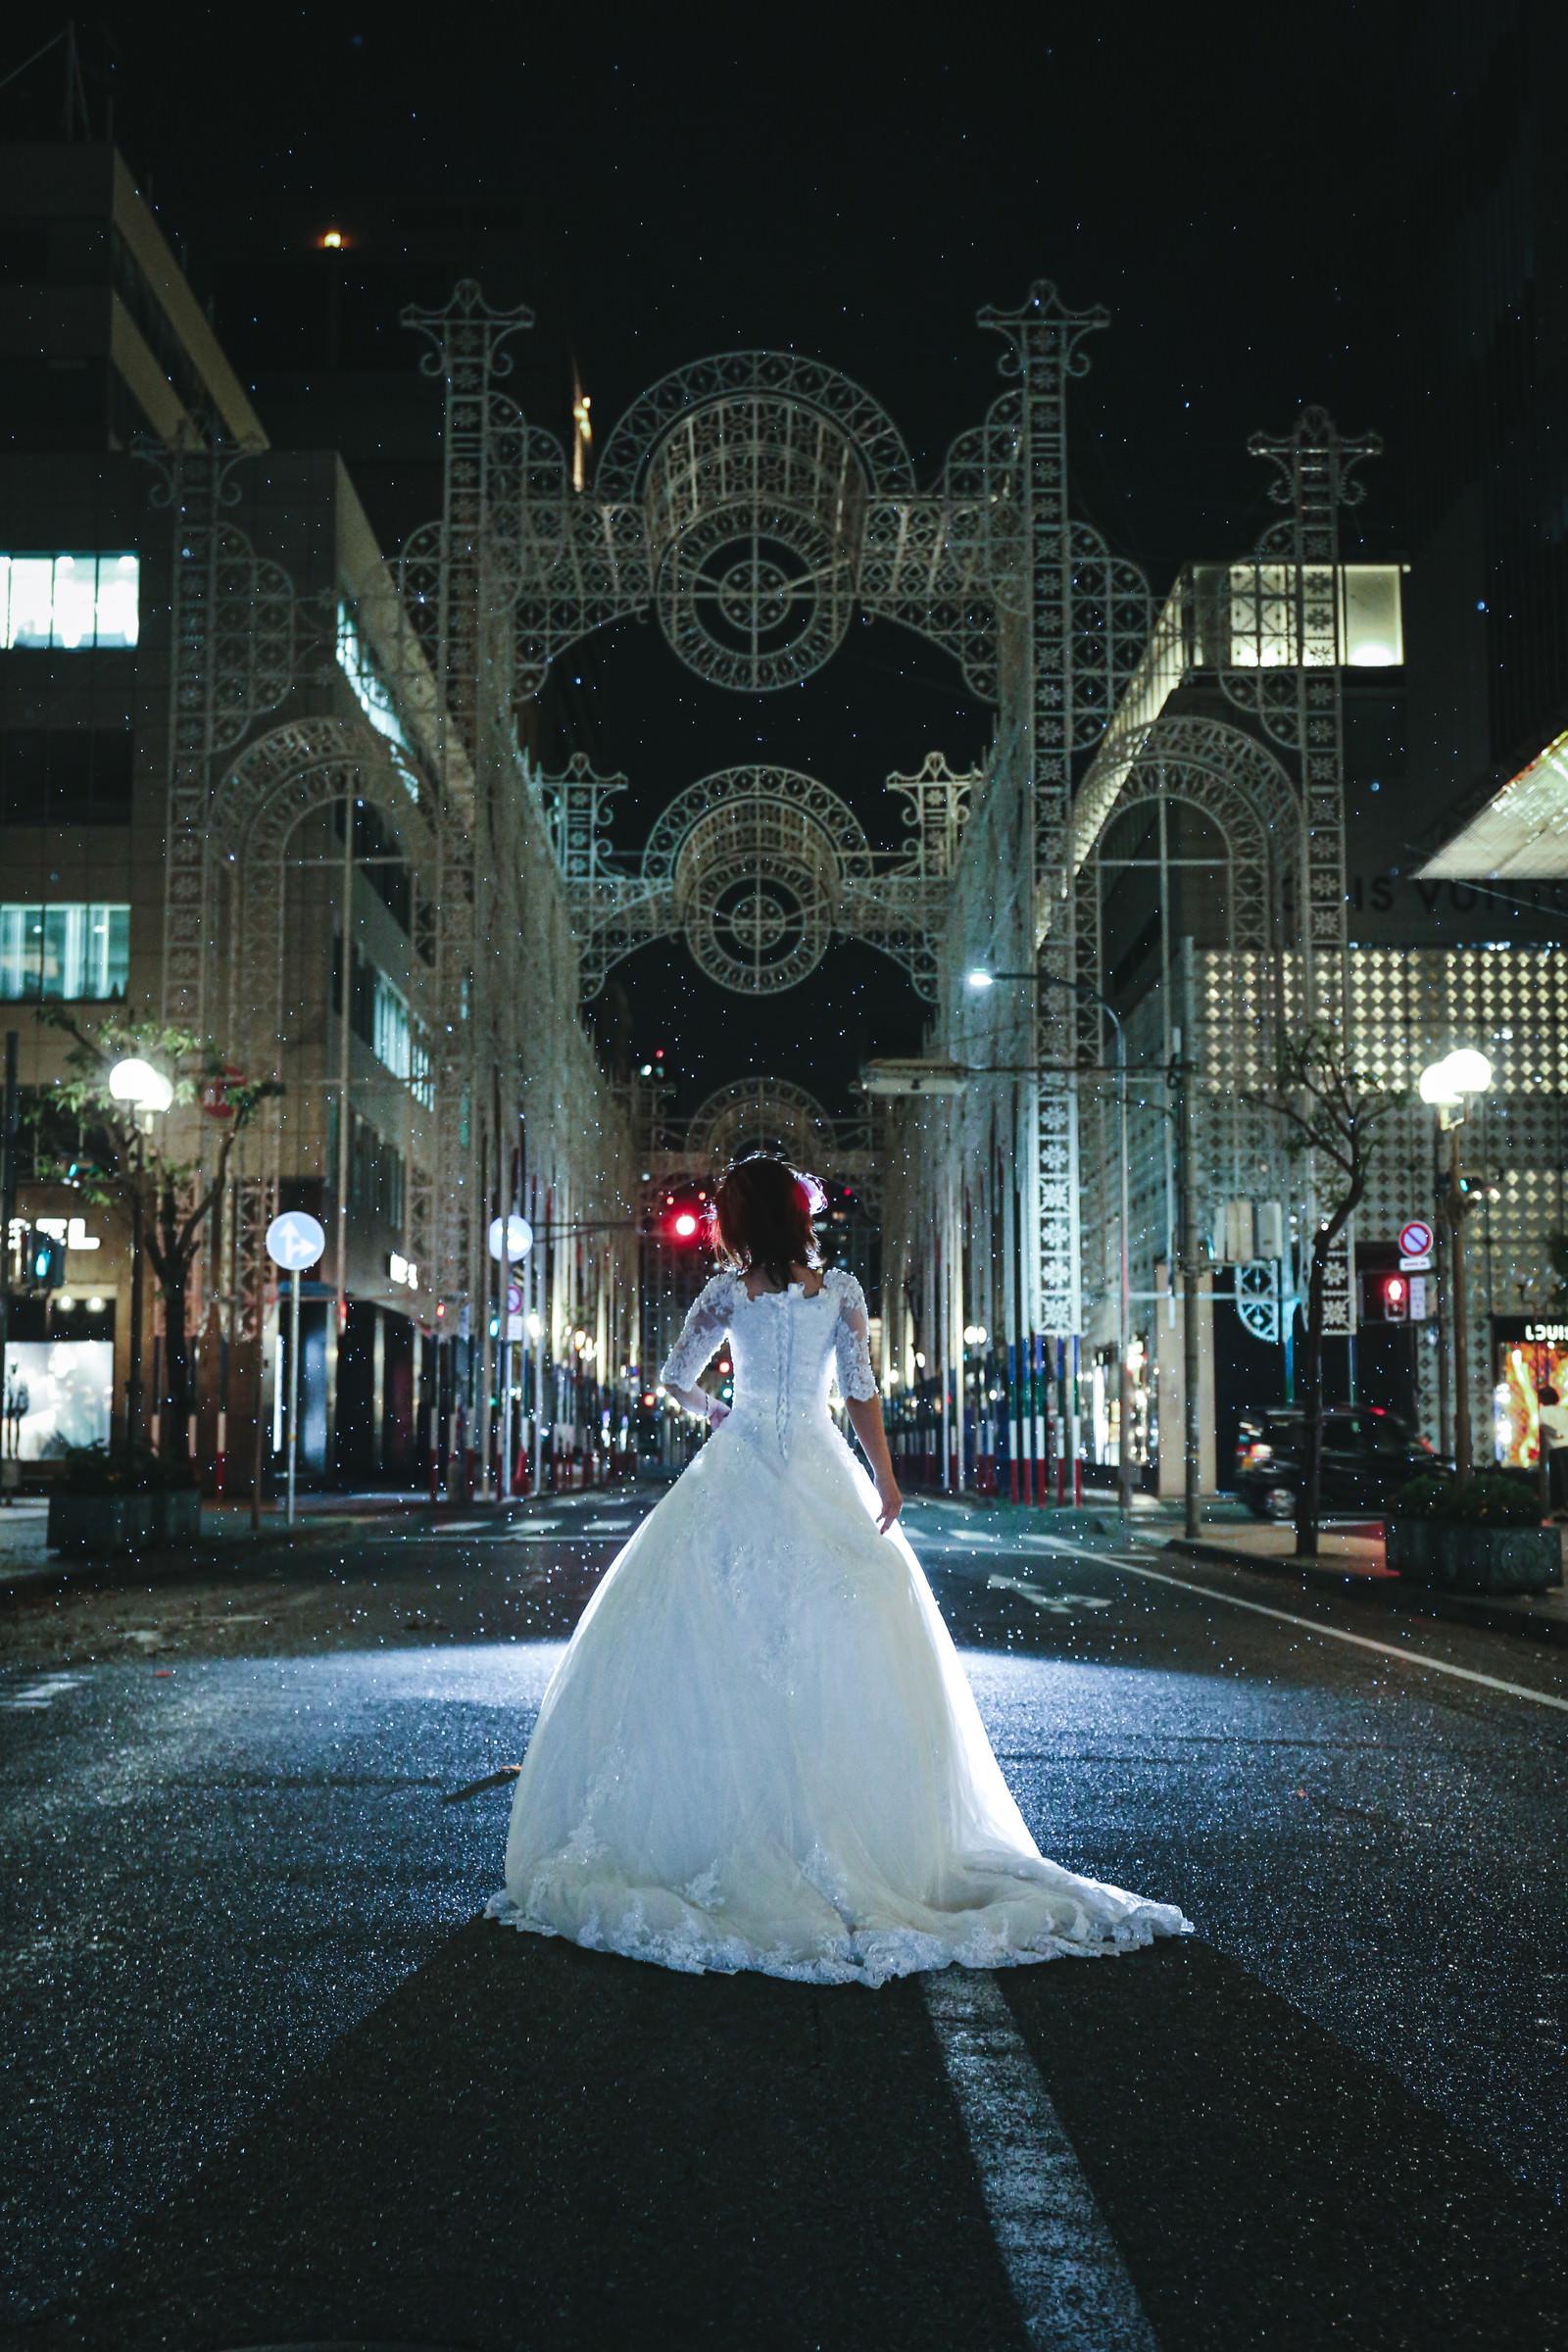 鎮魂の神戸ルミナリエ(25年目の神戸淡路大震災の追悼と復興)のフリー素材